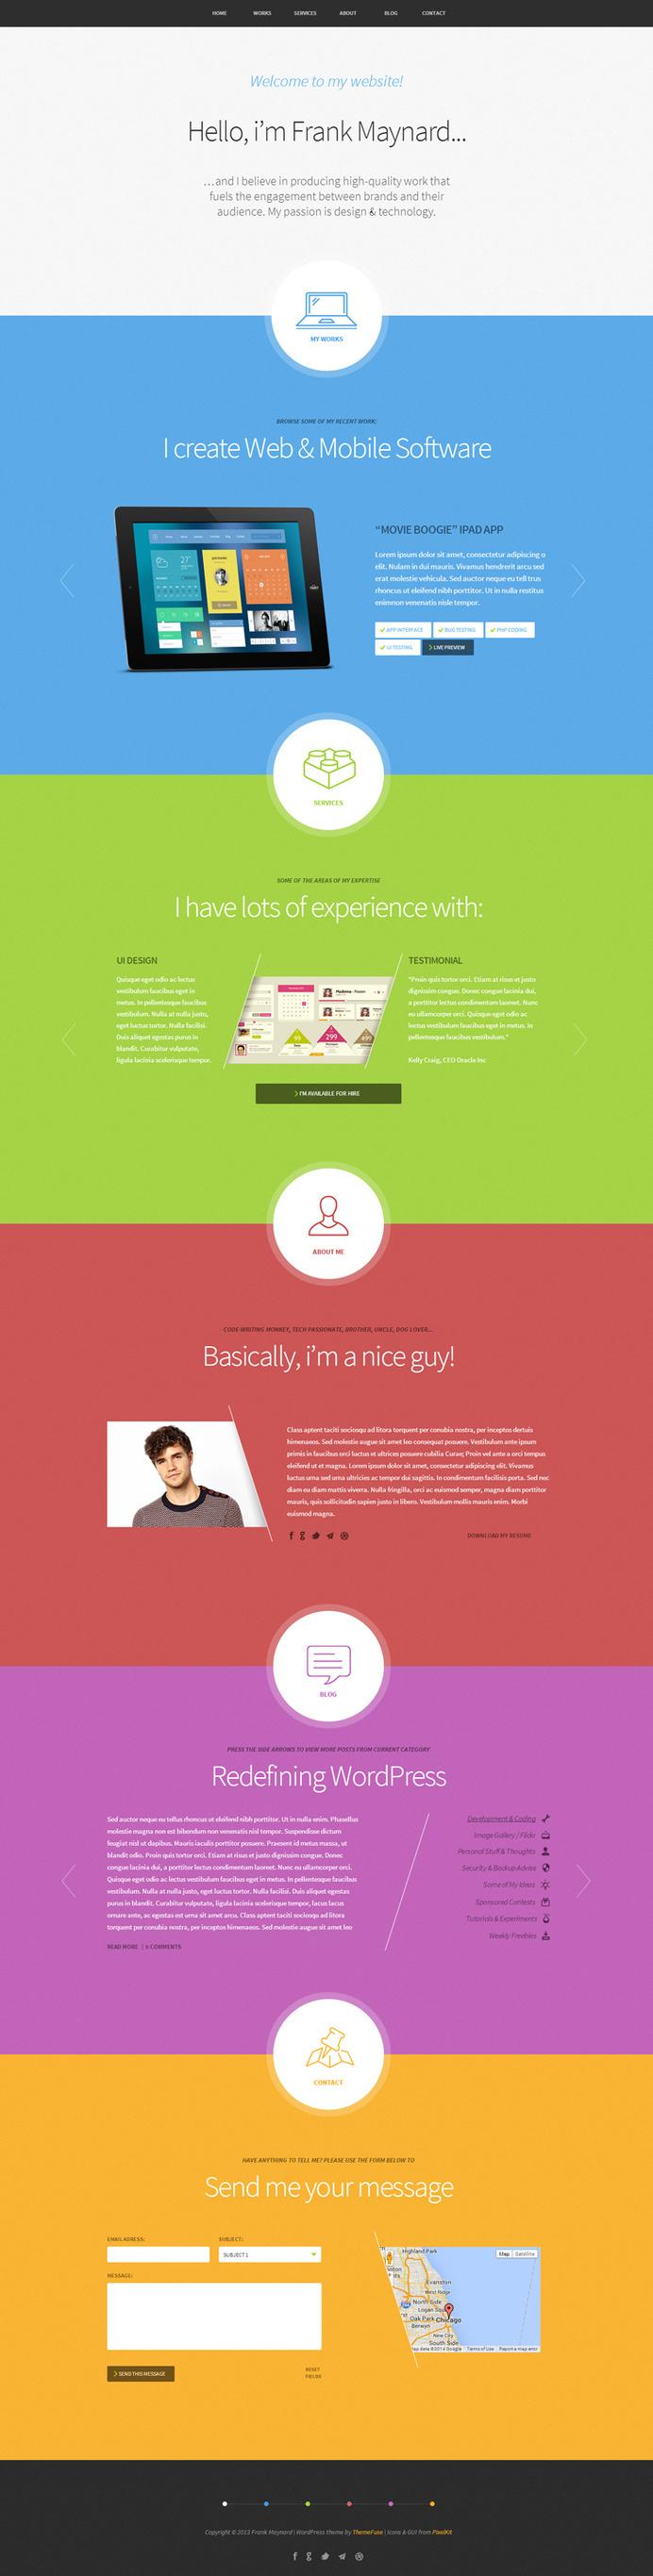 colors, web design, layout, concept, simple, website #design #simple #website #colors #concept #layout #web